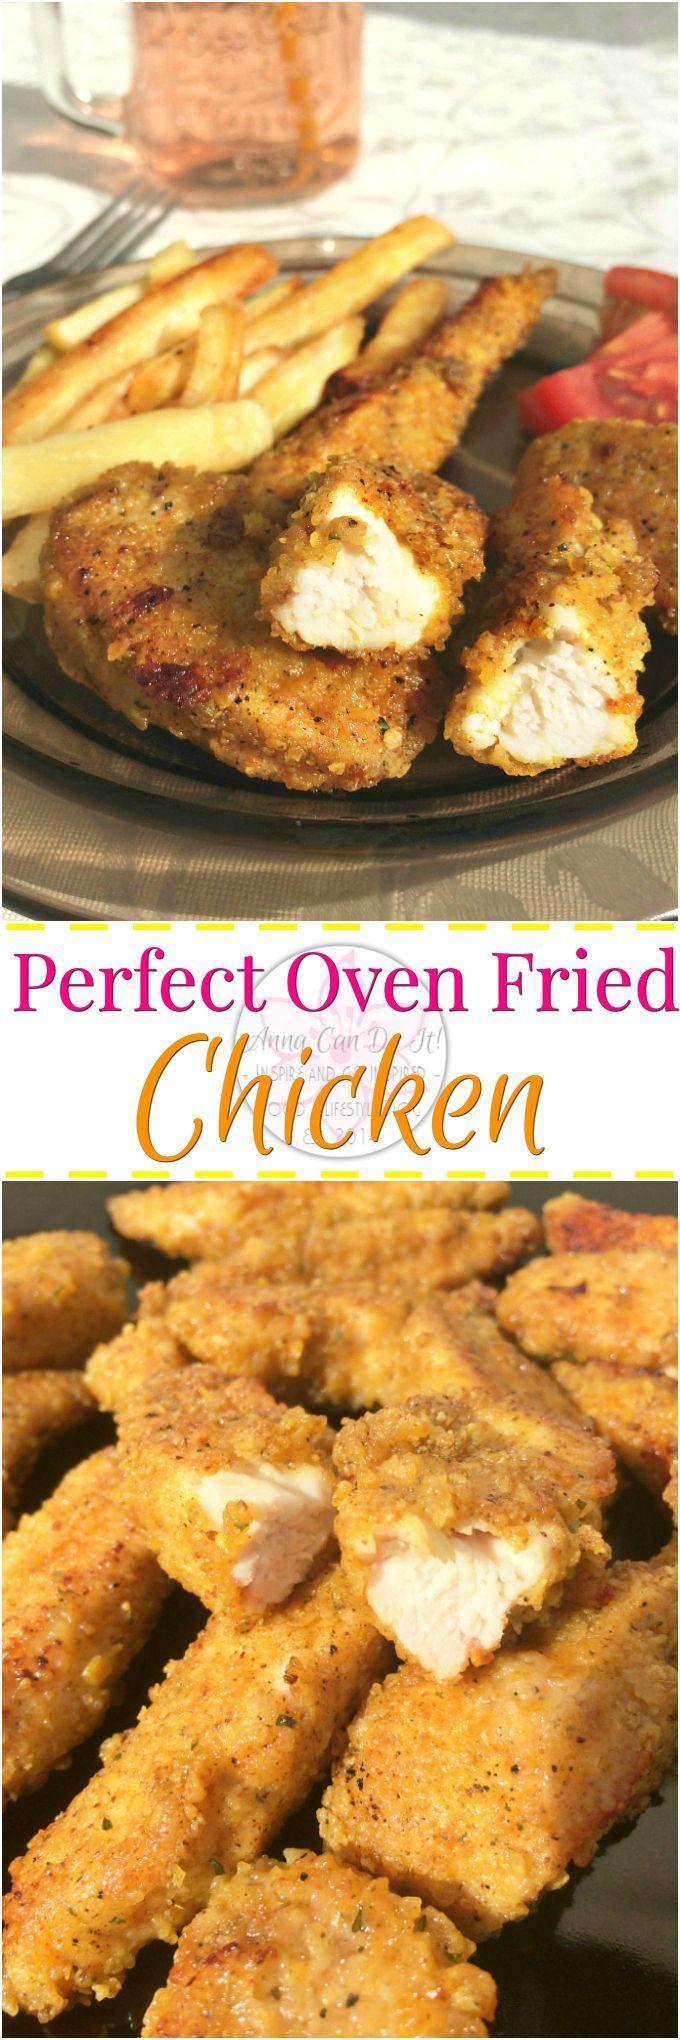 Parfait Four Fried Chicken - Anna Can Do It!  * Ce four poulet frit avec croustillant pané à l'extérieur et juteuse, douce à l'intérieur est tout simplement parfait pour le dîner, le déjeuner et même pour un sandwich au petit déjeuner.  Comme il est un congélateur recette conviviale, vous pouvez faire ces avance.  Il suffit de les saisir du congélateur, les pousser au four et à moins de 20 minutes, vous avez un délicieux repas.